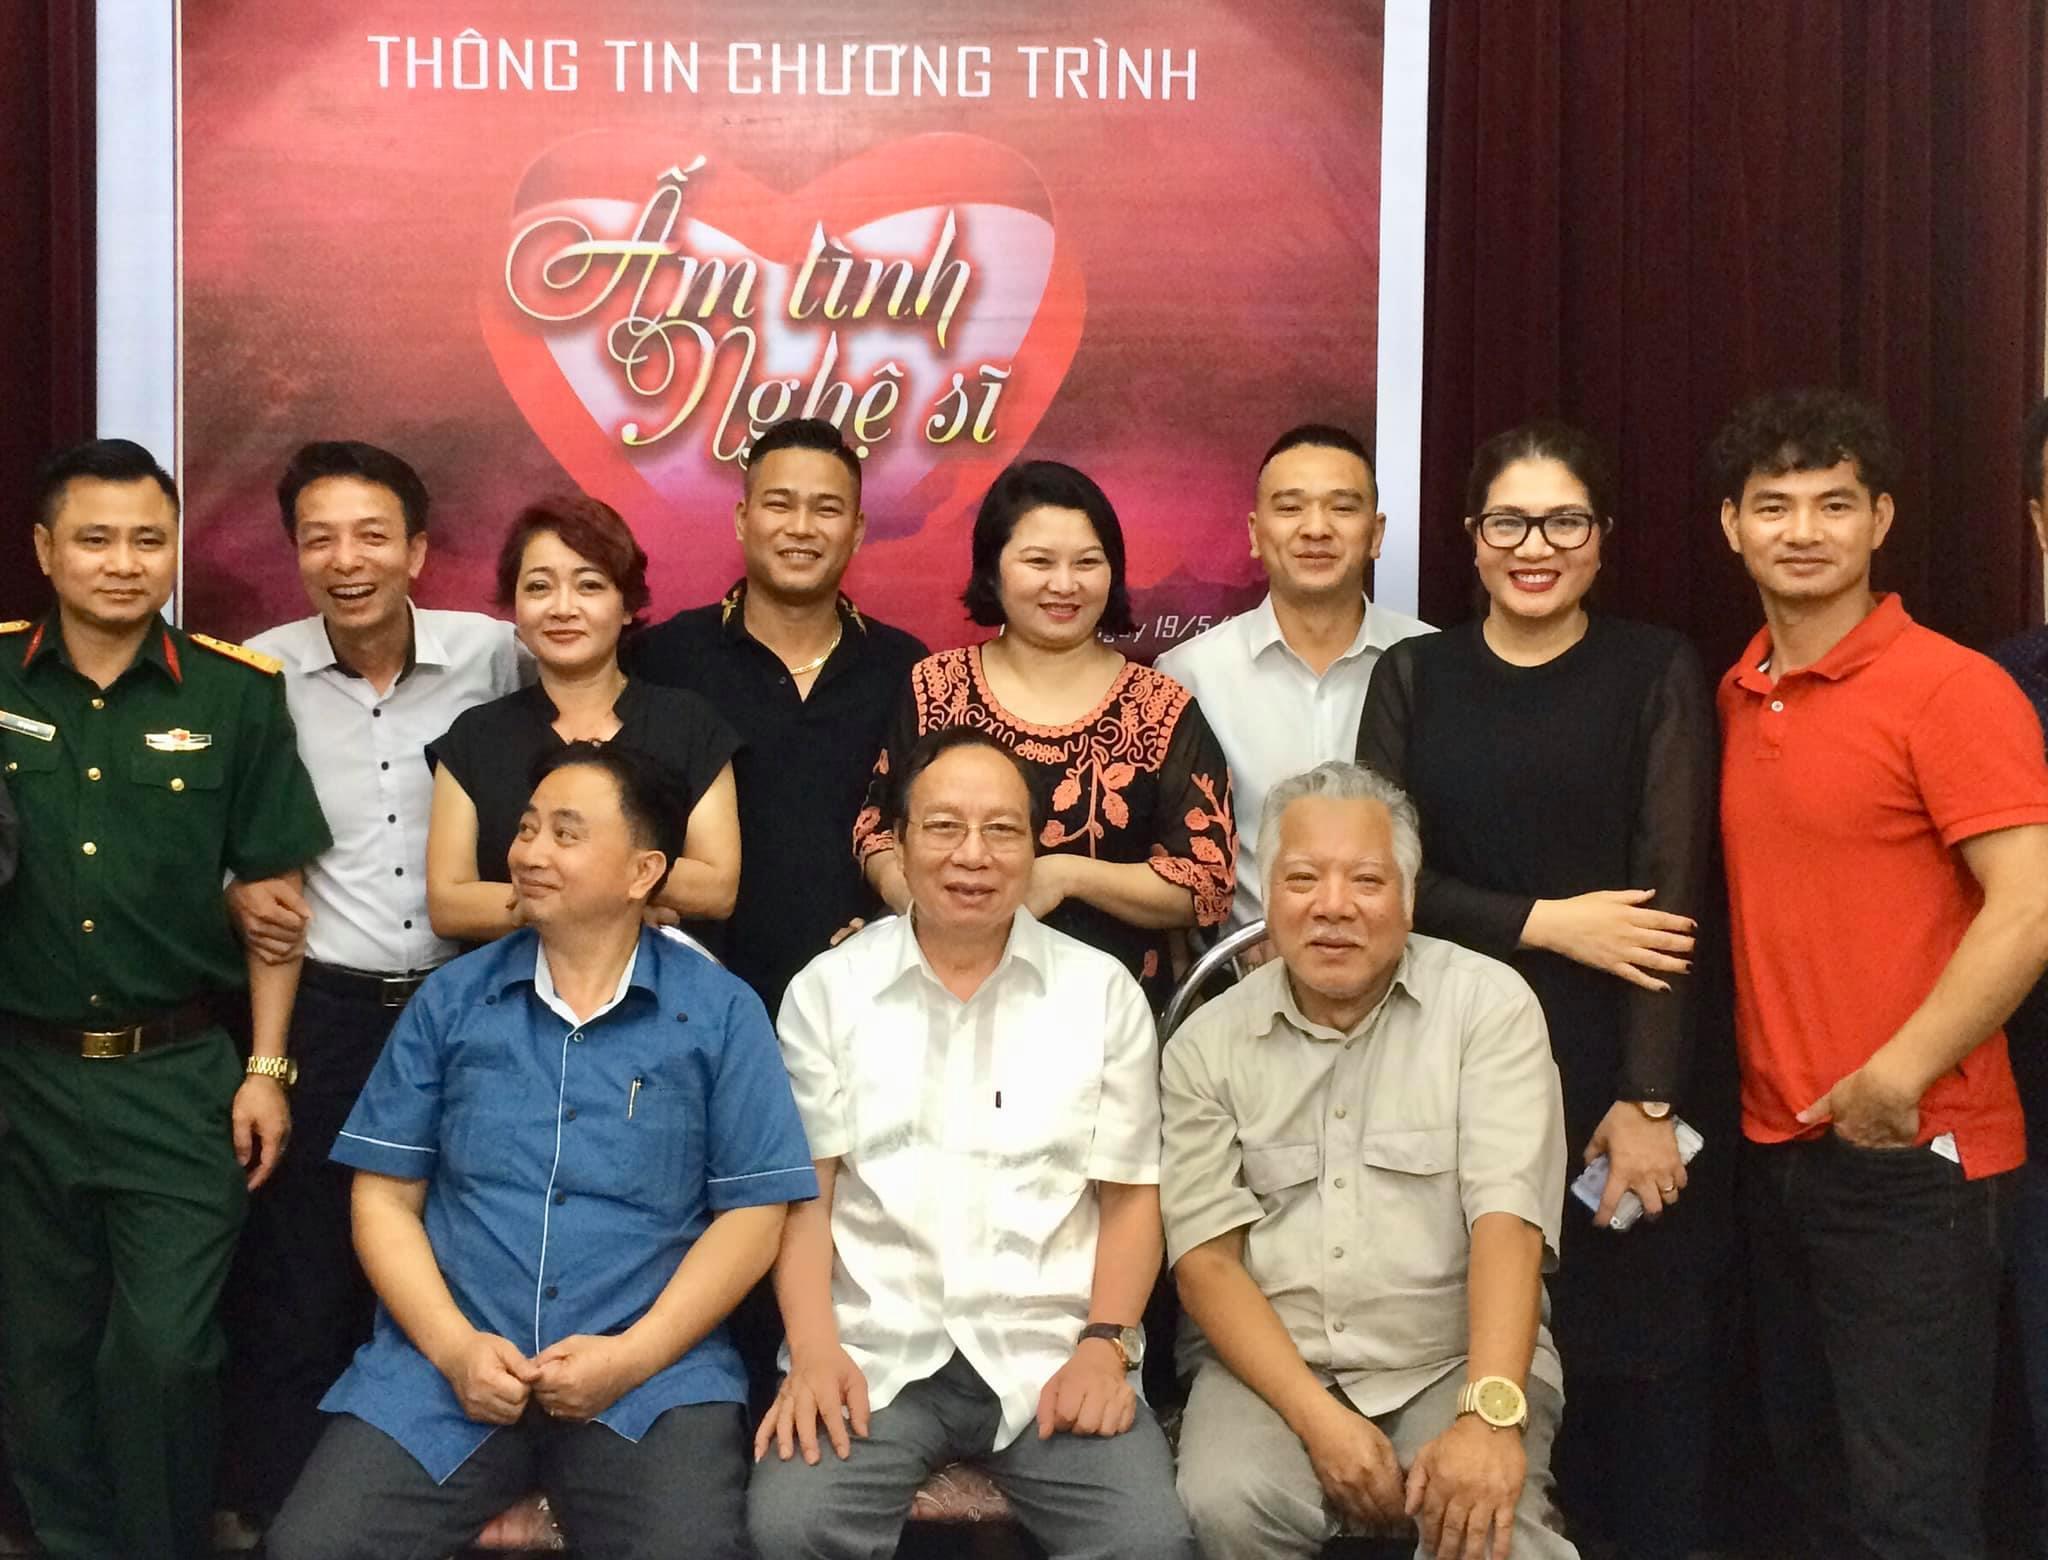 Phó chủ nhiệm CLB nghệ sĩ sân khấu Việt Nam qua đời qua đời ở tuổi 44